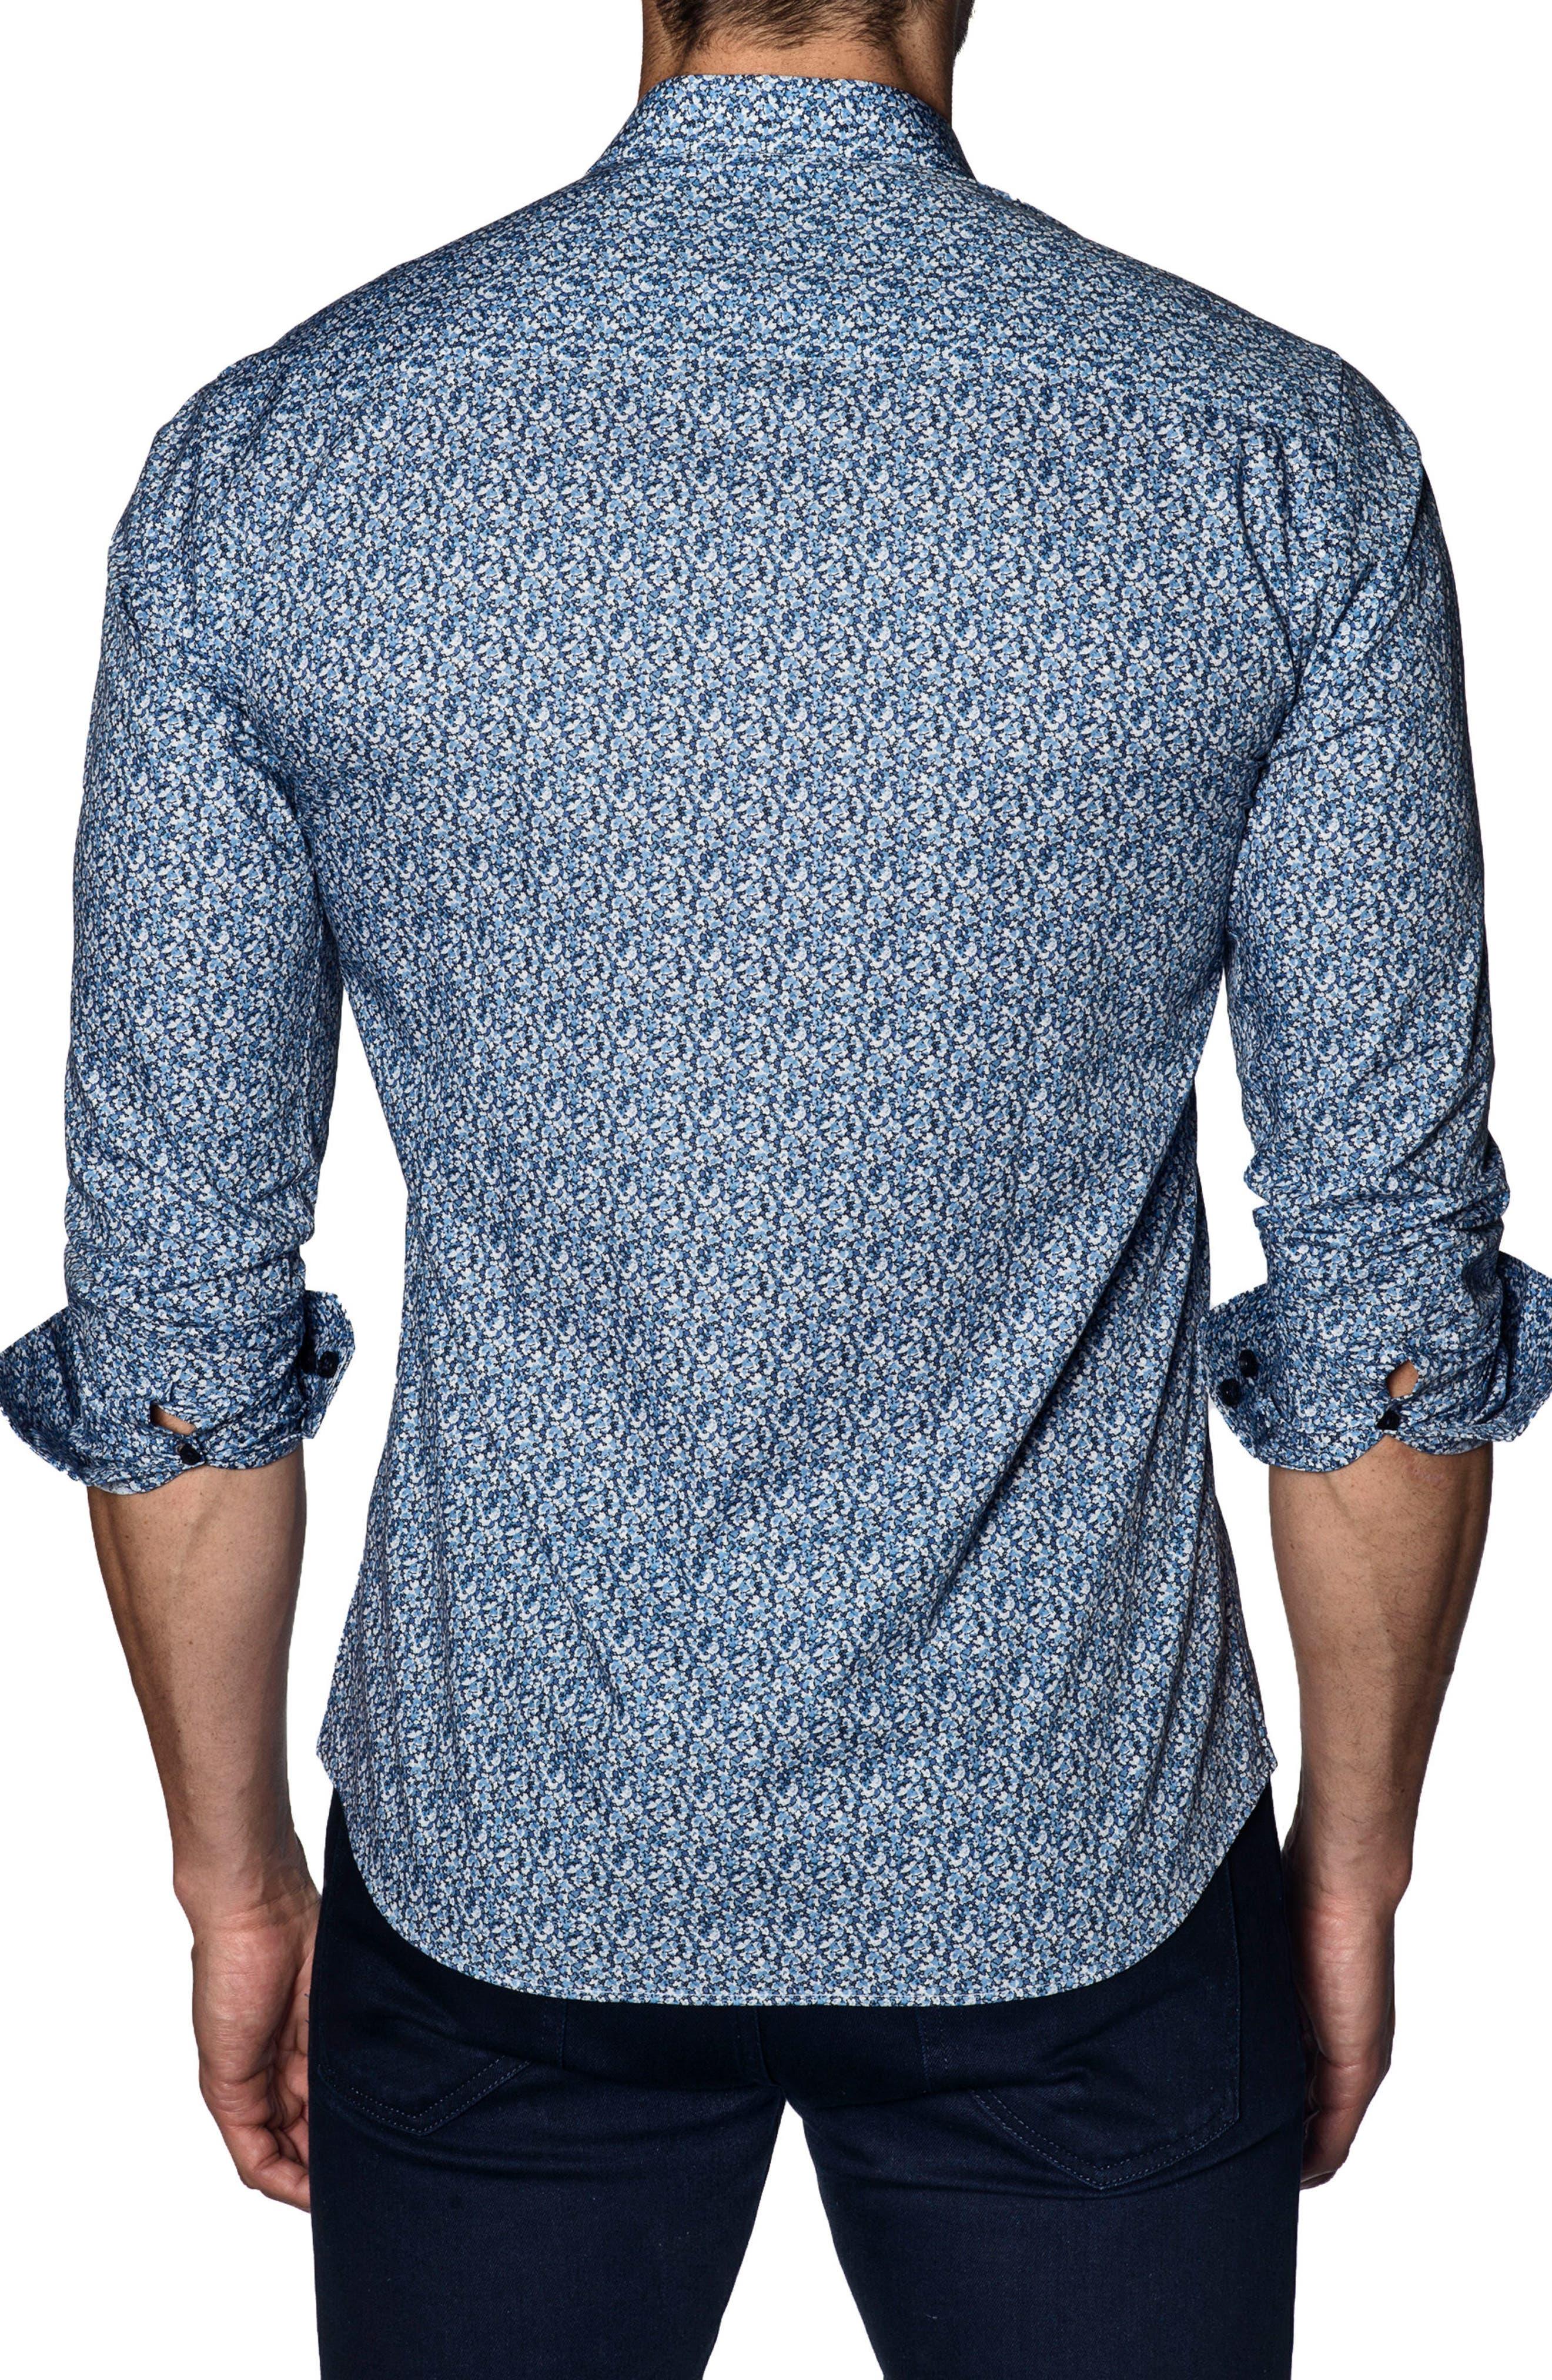 Trim Fit Sport Shirt,                             Alternate thumbnail 2, color,                             Blue Print